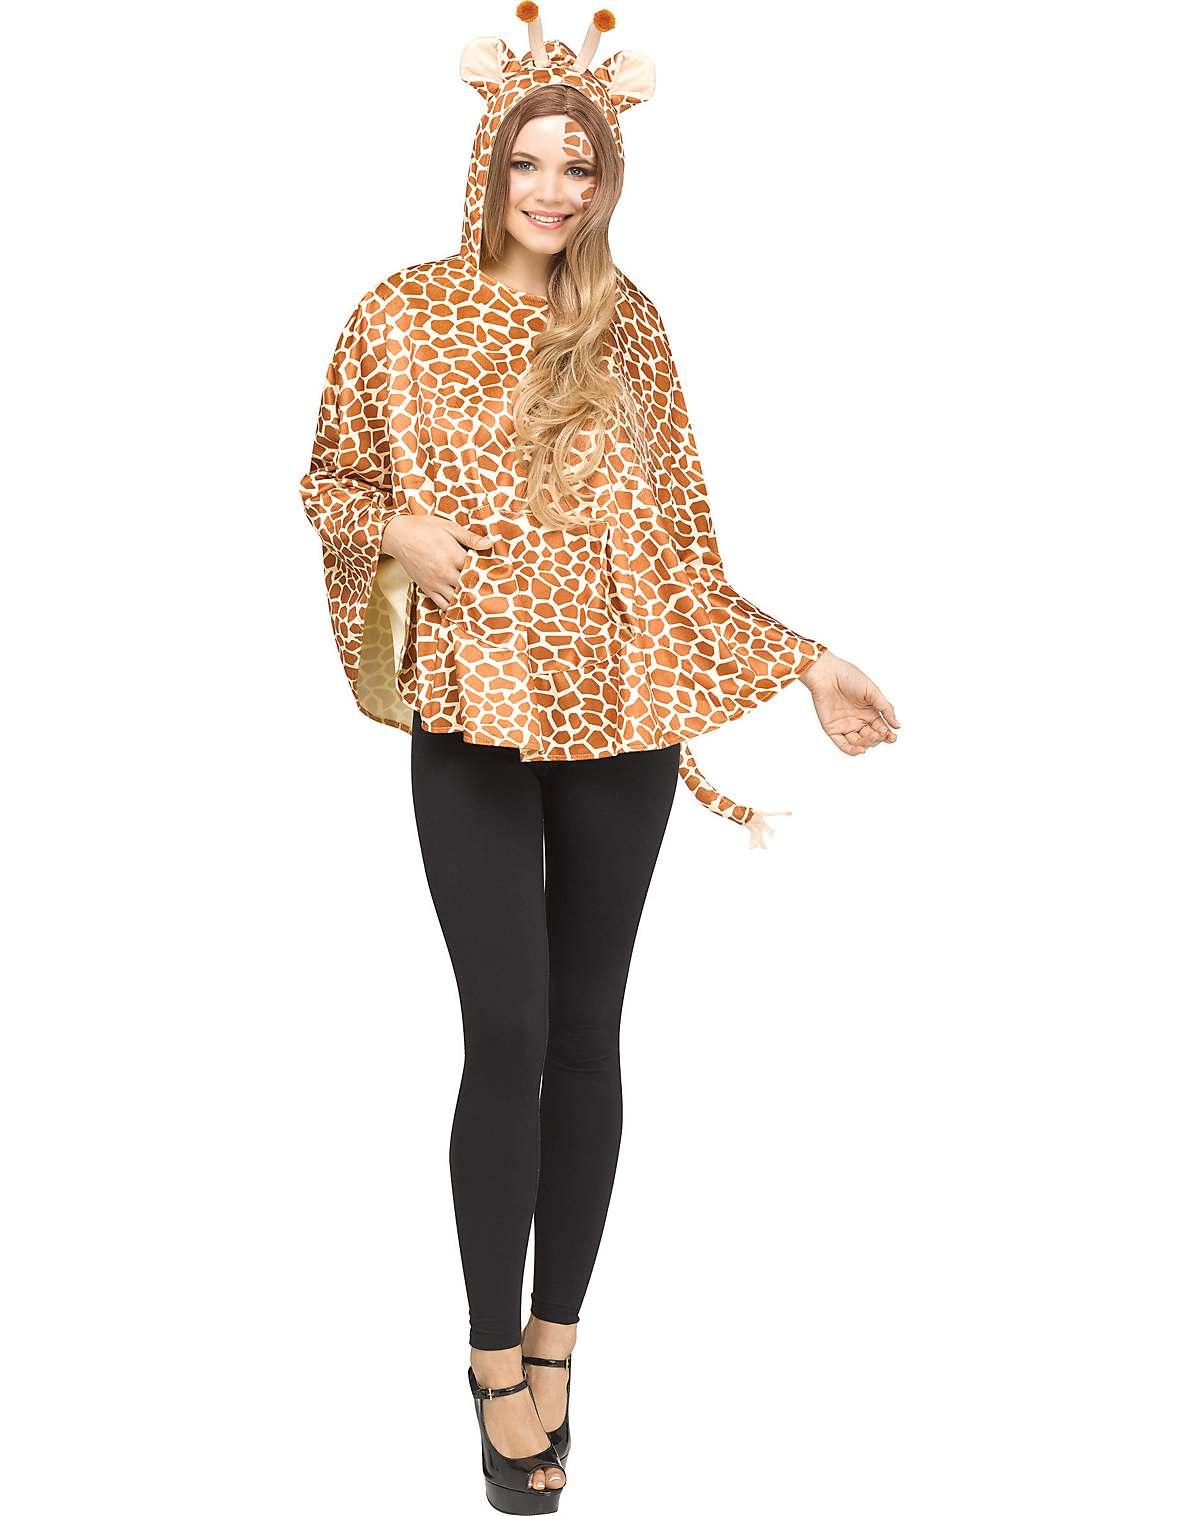 Giraffe poncho